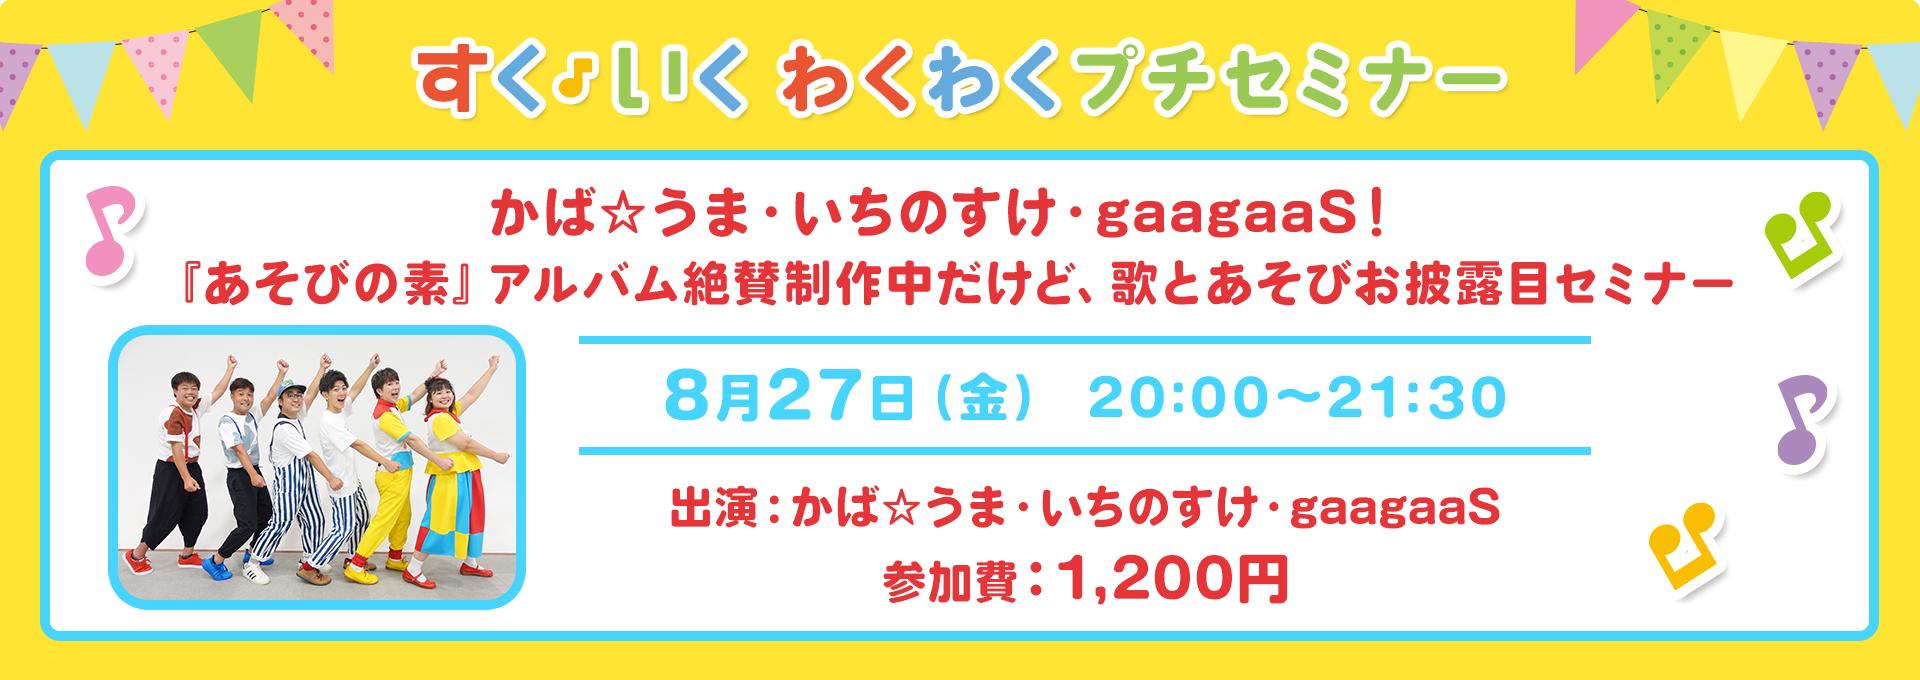 かば☆うま・いちのすけ・gaagaaS!『あそびの素』アルバム絶賛制作中だけど、歌とあそびお披露目セミナー